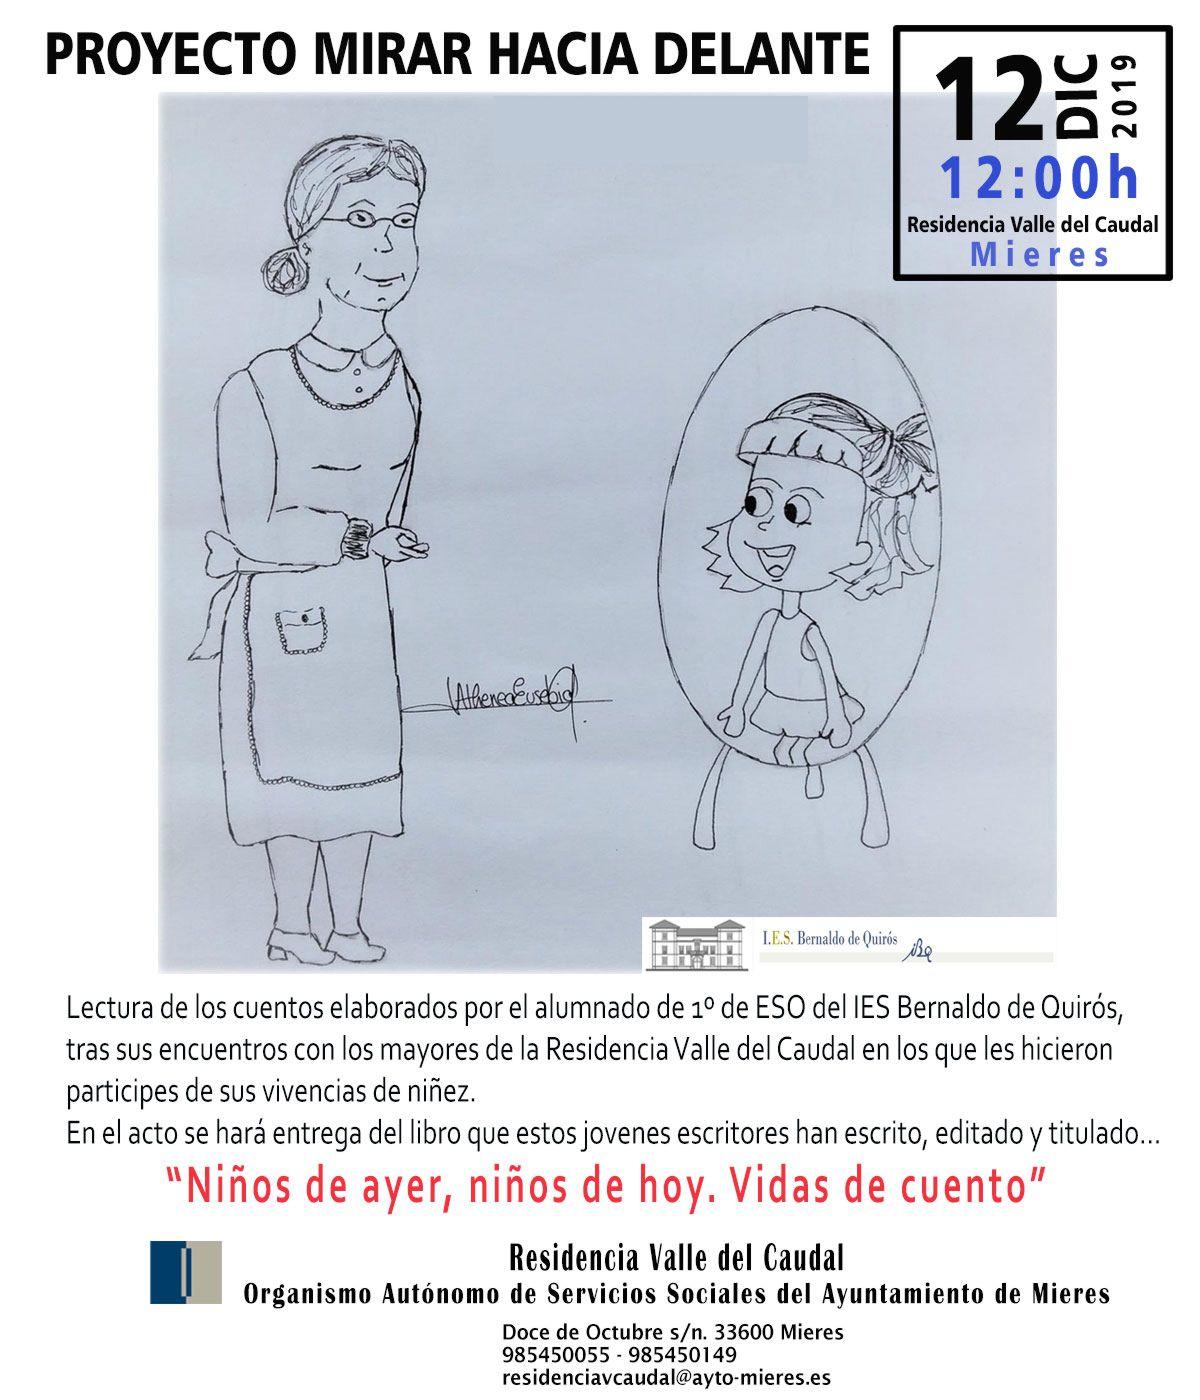 014 Cartel Proyecto Mirar Hacia Delante Para Web